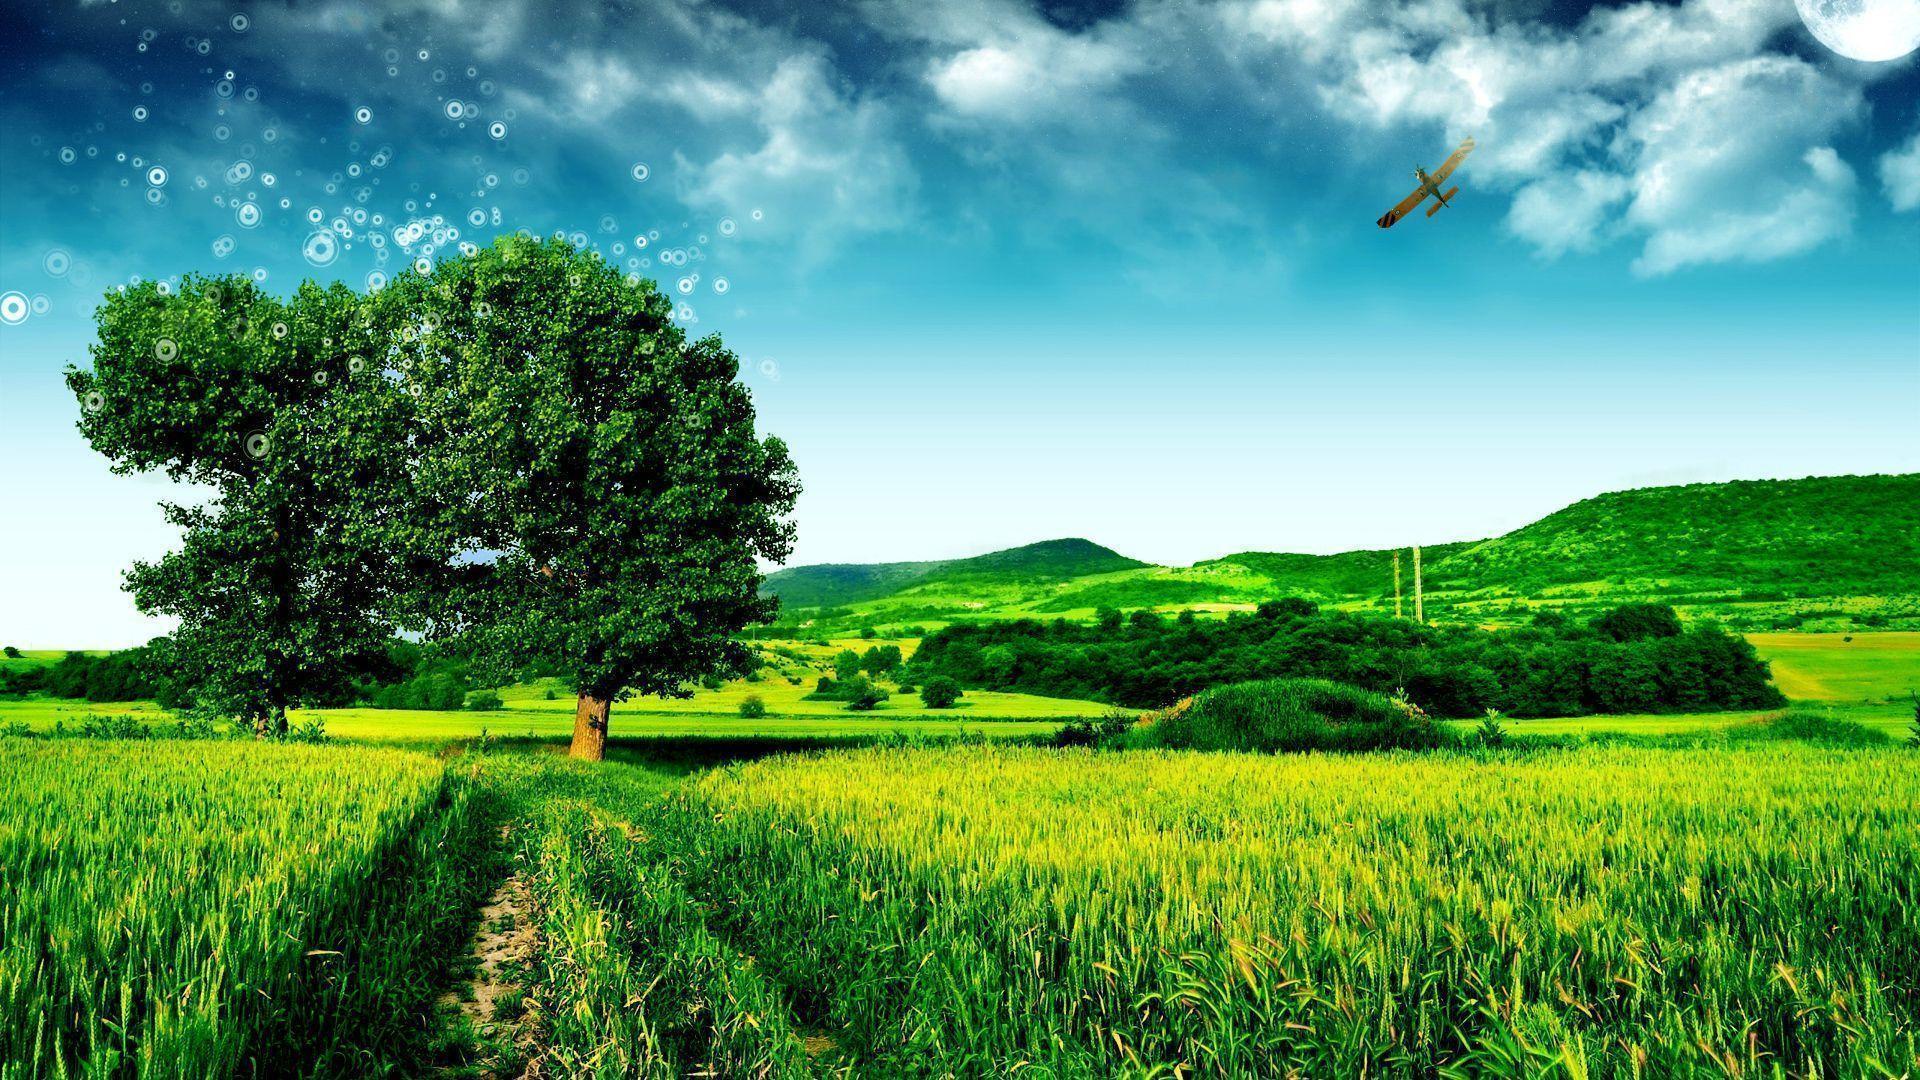 green field Landscape Wallpapers